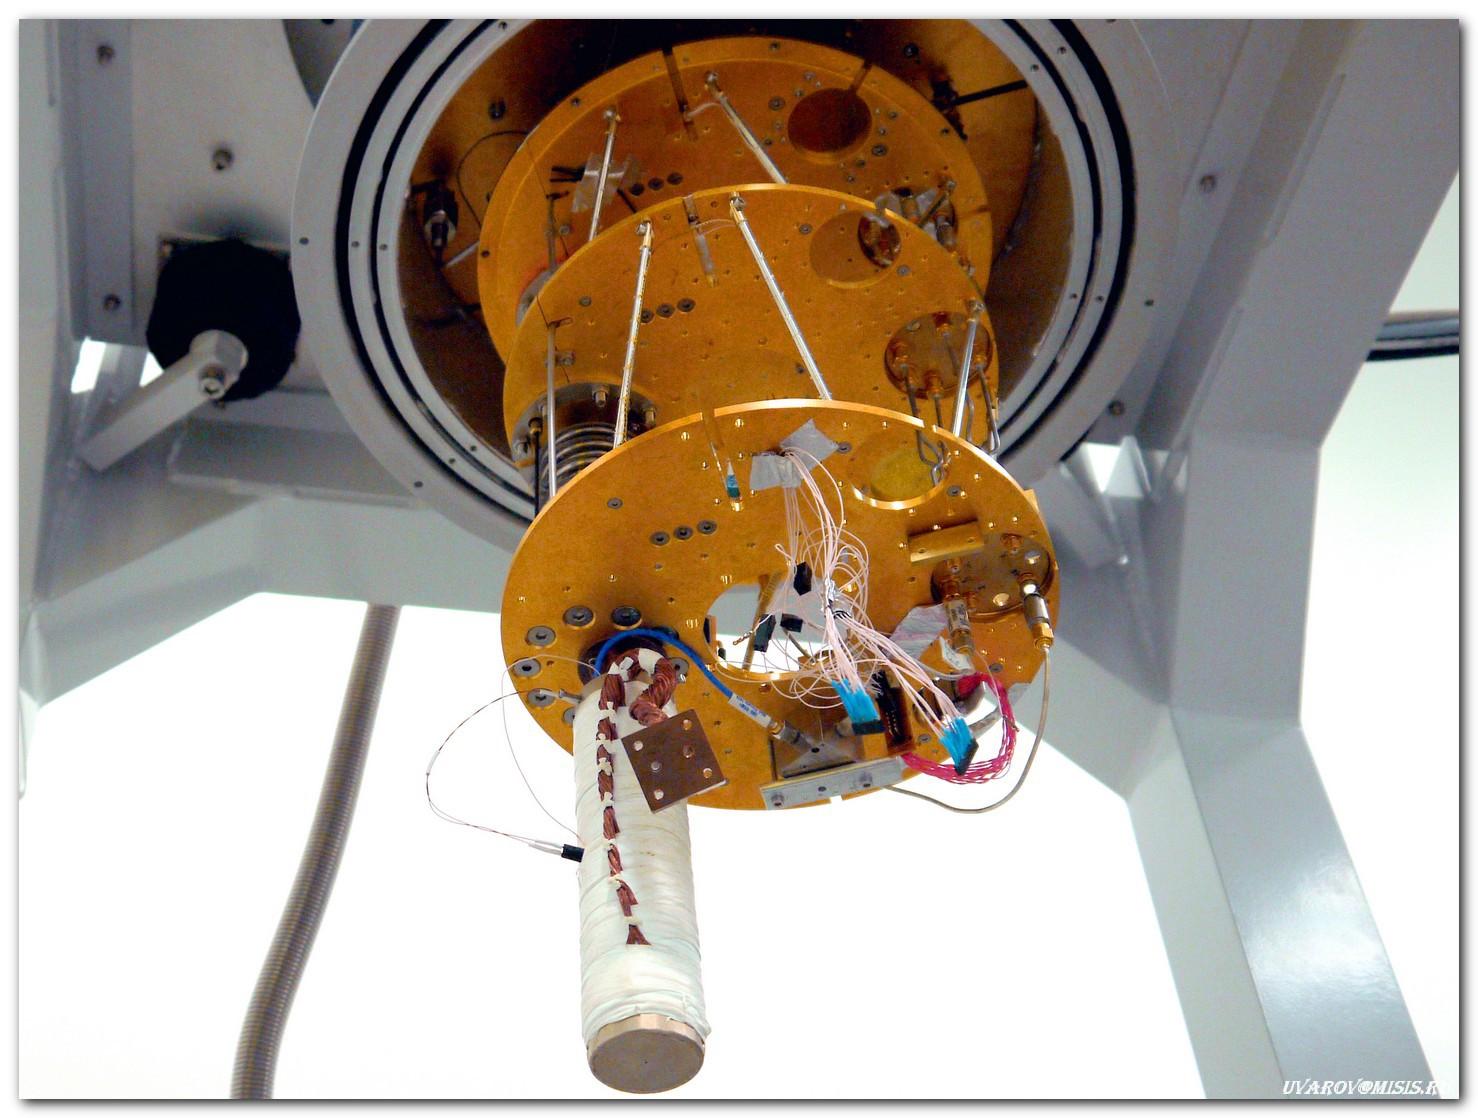 Лаборатории НИТУ «МИСиС»: от разделения наночастиц магнетита до создания квантового компьютера - 21